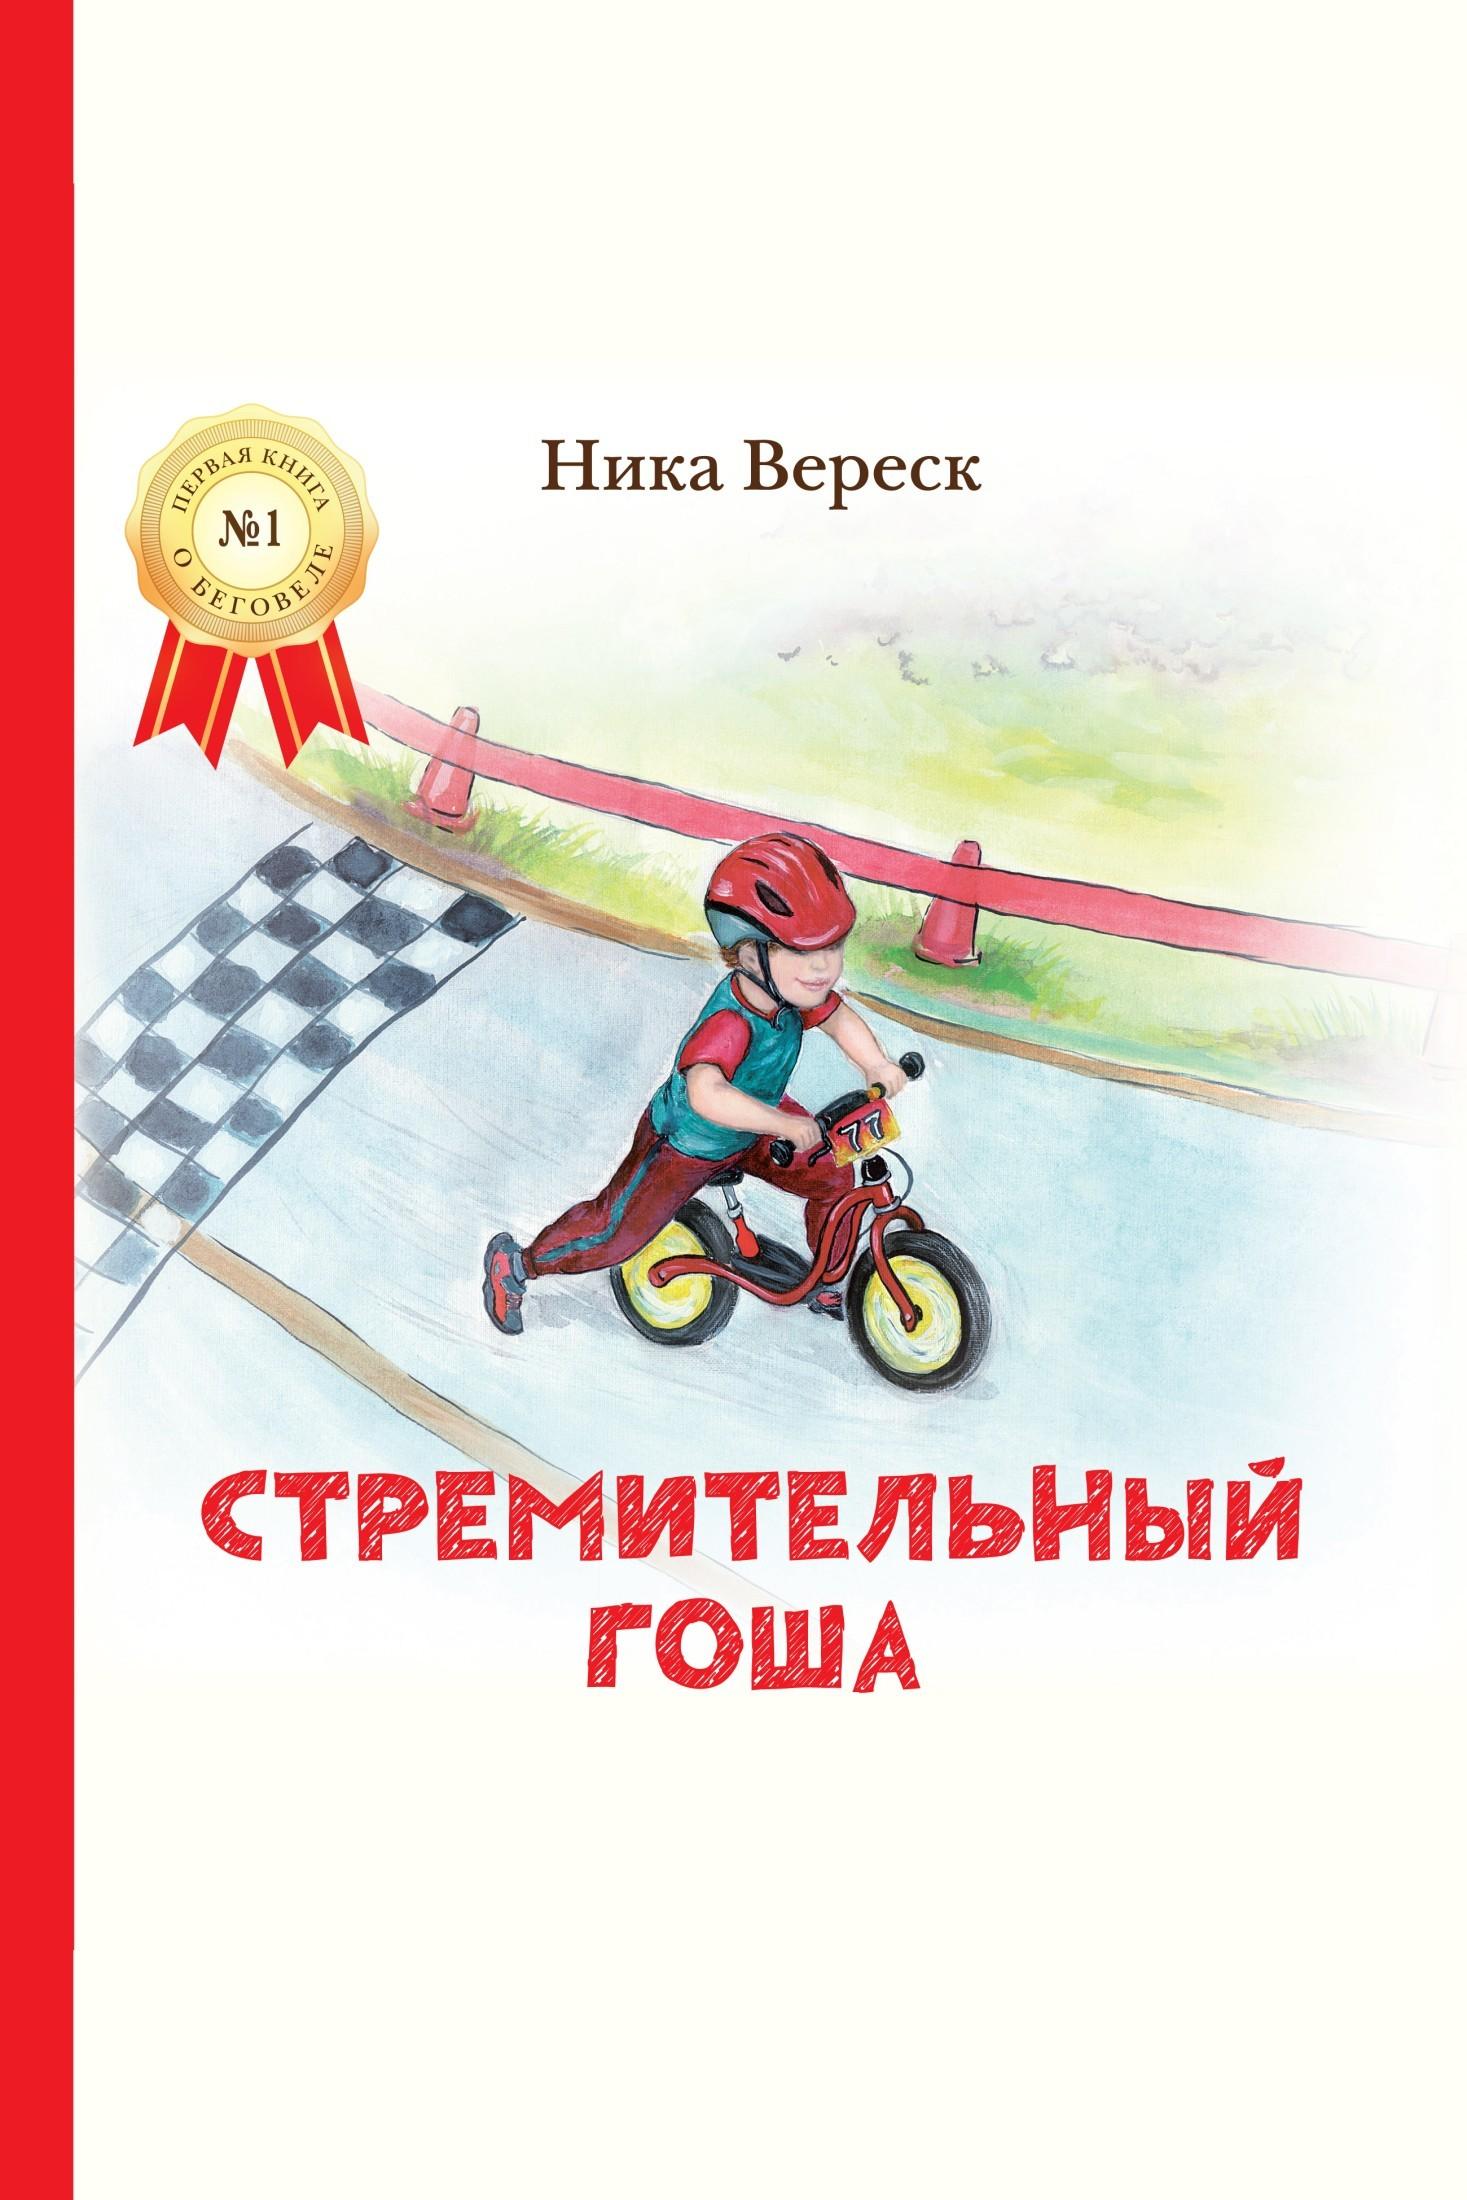 Ника Вереск Стремительный Гоша. Начало